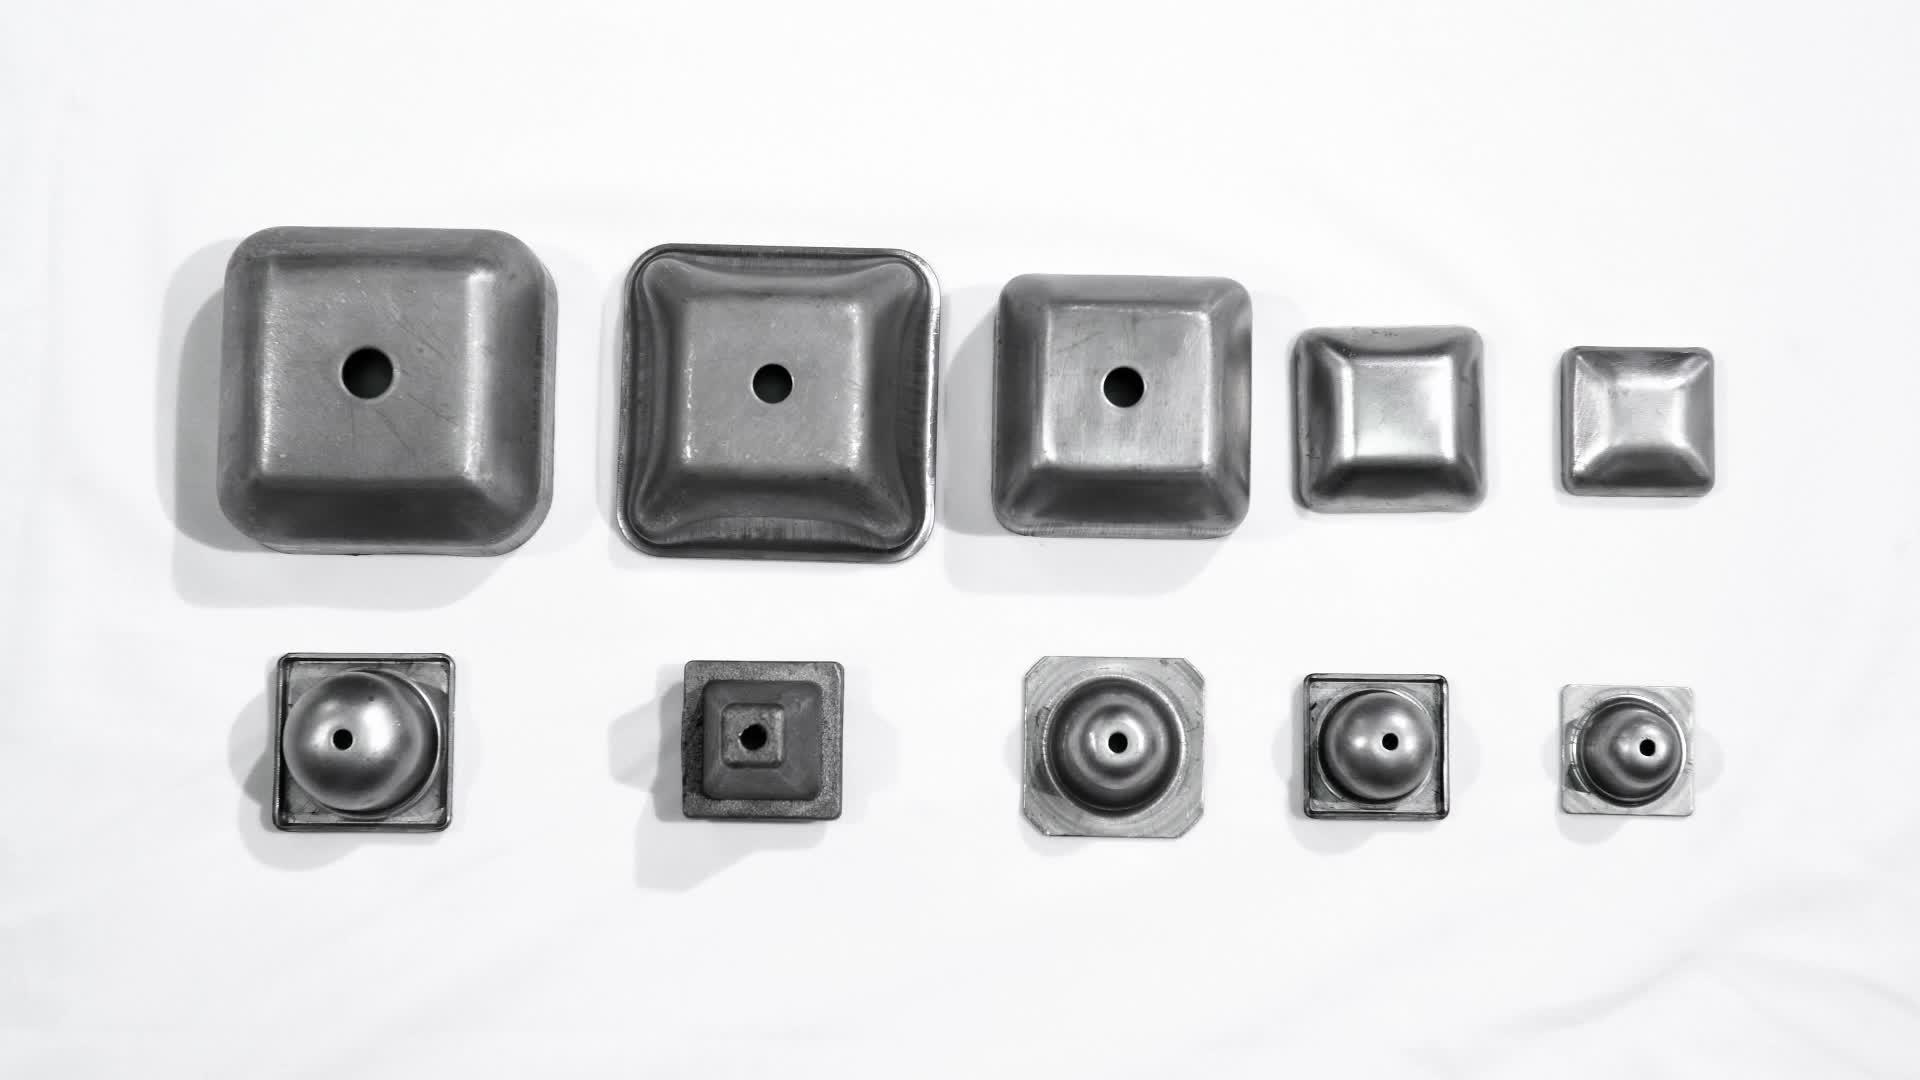 シート金属亜鉛メッキ防錆炭素鋼 stillage 積層した足ベース積み重ねカップ